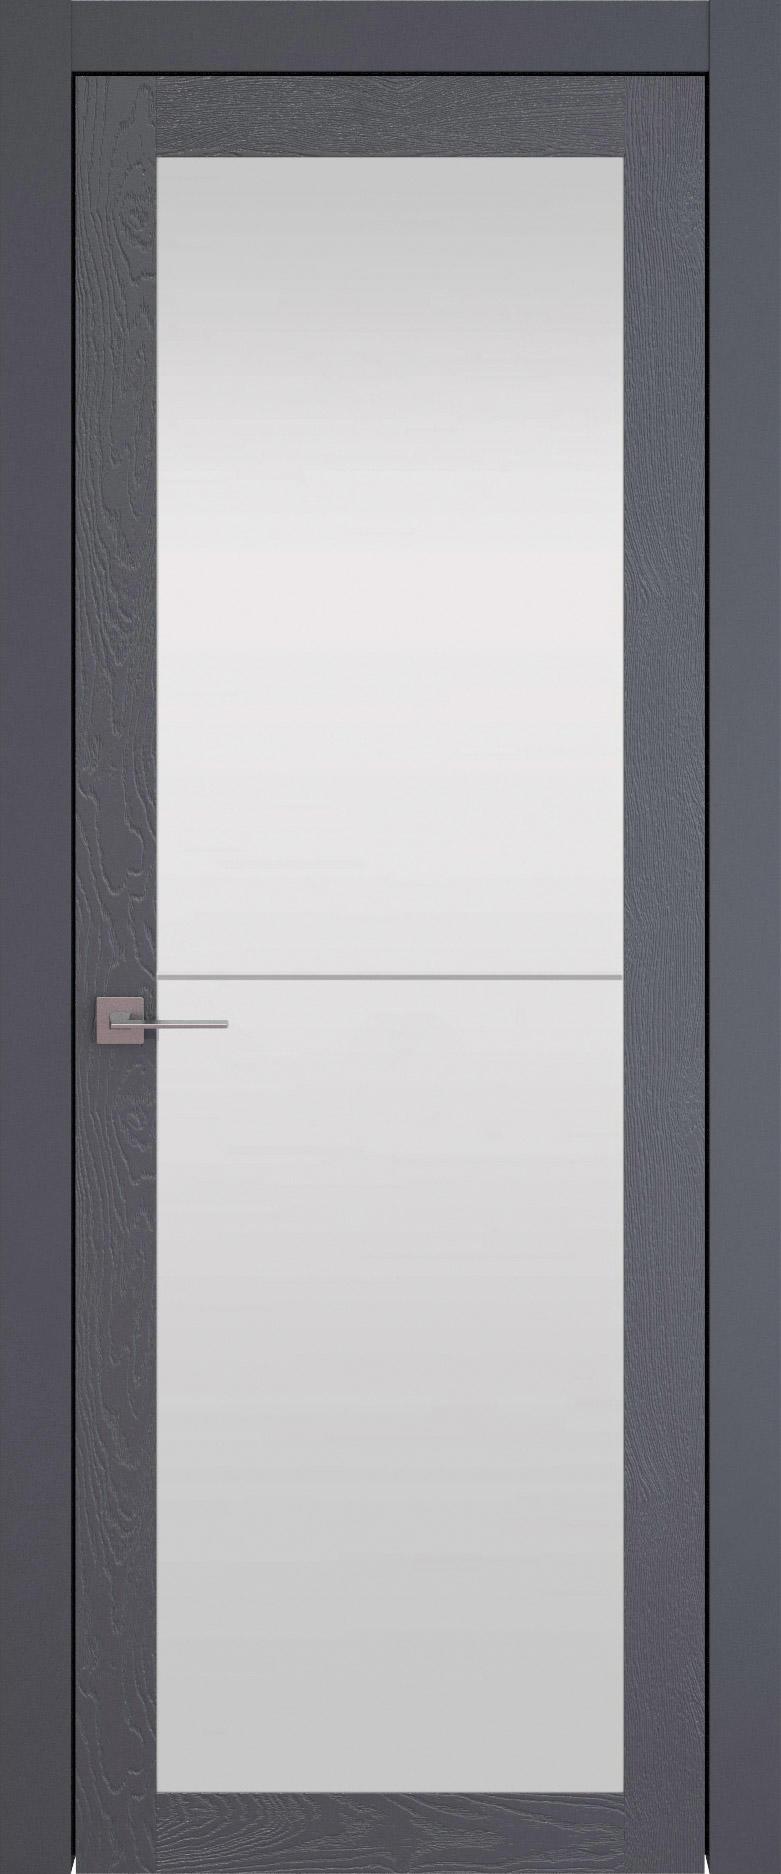 Tivoli З-2 цвет - Графитово-серая эмаль по шпону (RAL 7024) Со стеклом (ДО)